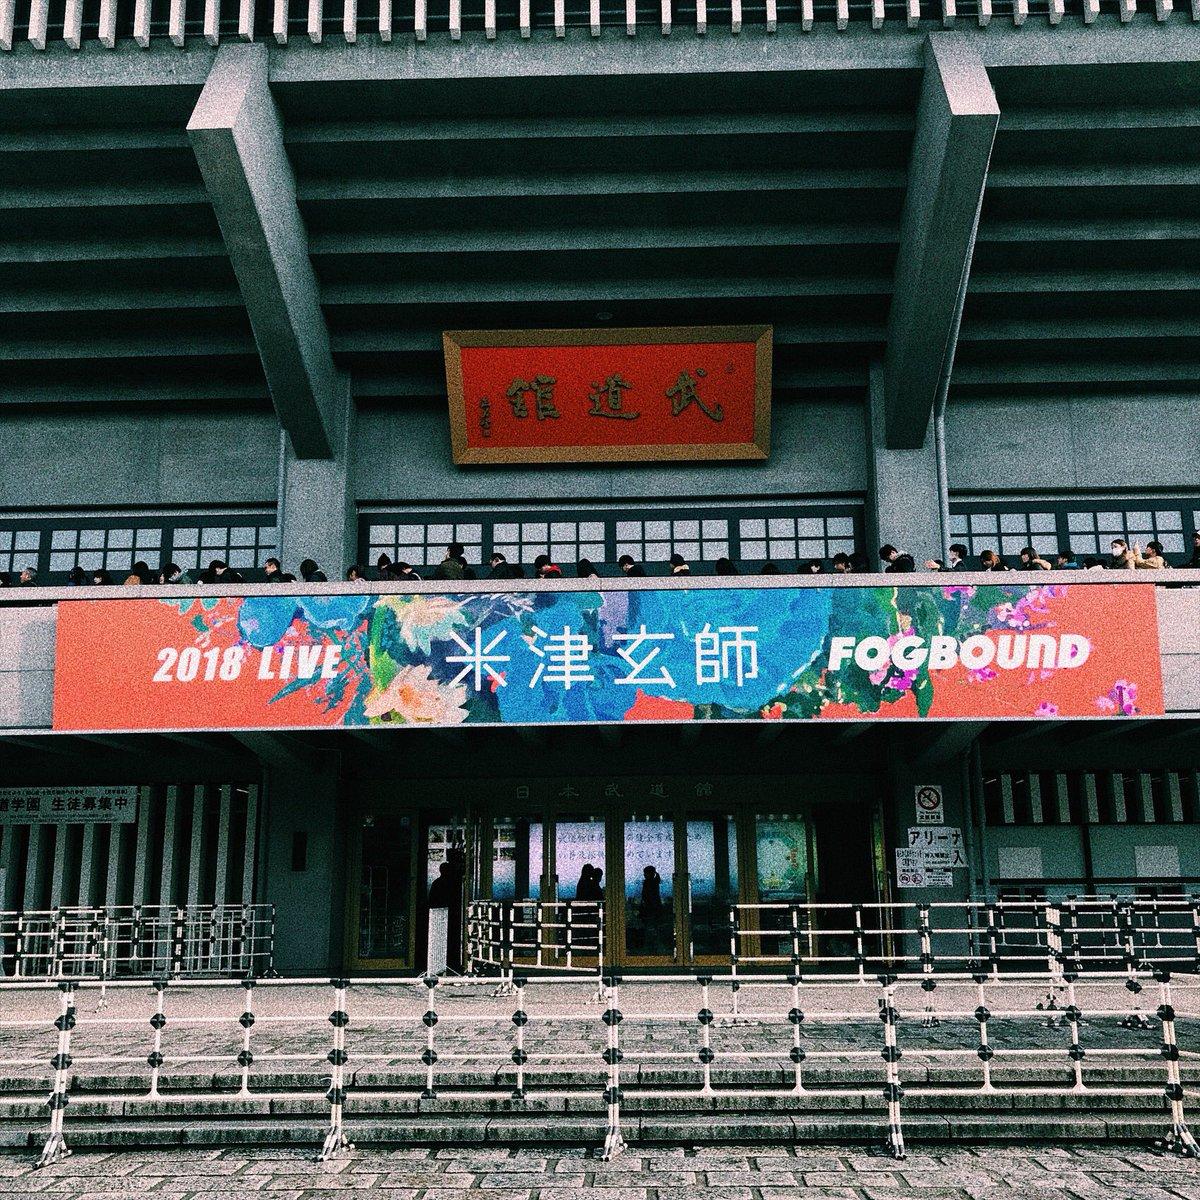 米津玄師 2017-2018 TOUR / Fogbound 1/10武道館をもって、無事に完走する事が出来ました。各地ひとりひとりの思いをバトンするように繋いでいき、最高のファイナルを迎える事ができたと思っています。ツアー初日にリリースとなったアルバム「BOOTLEG」共々ありがとうございました!!!